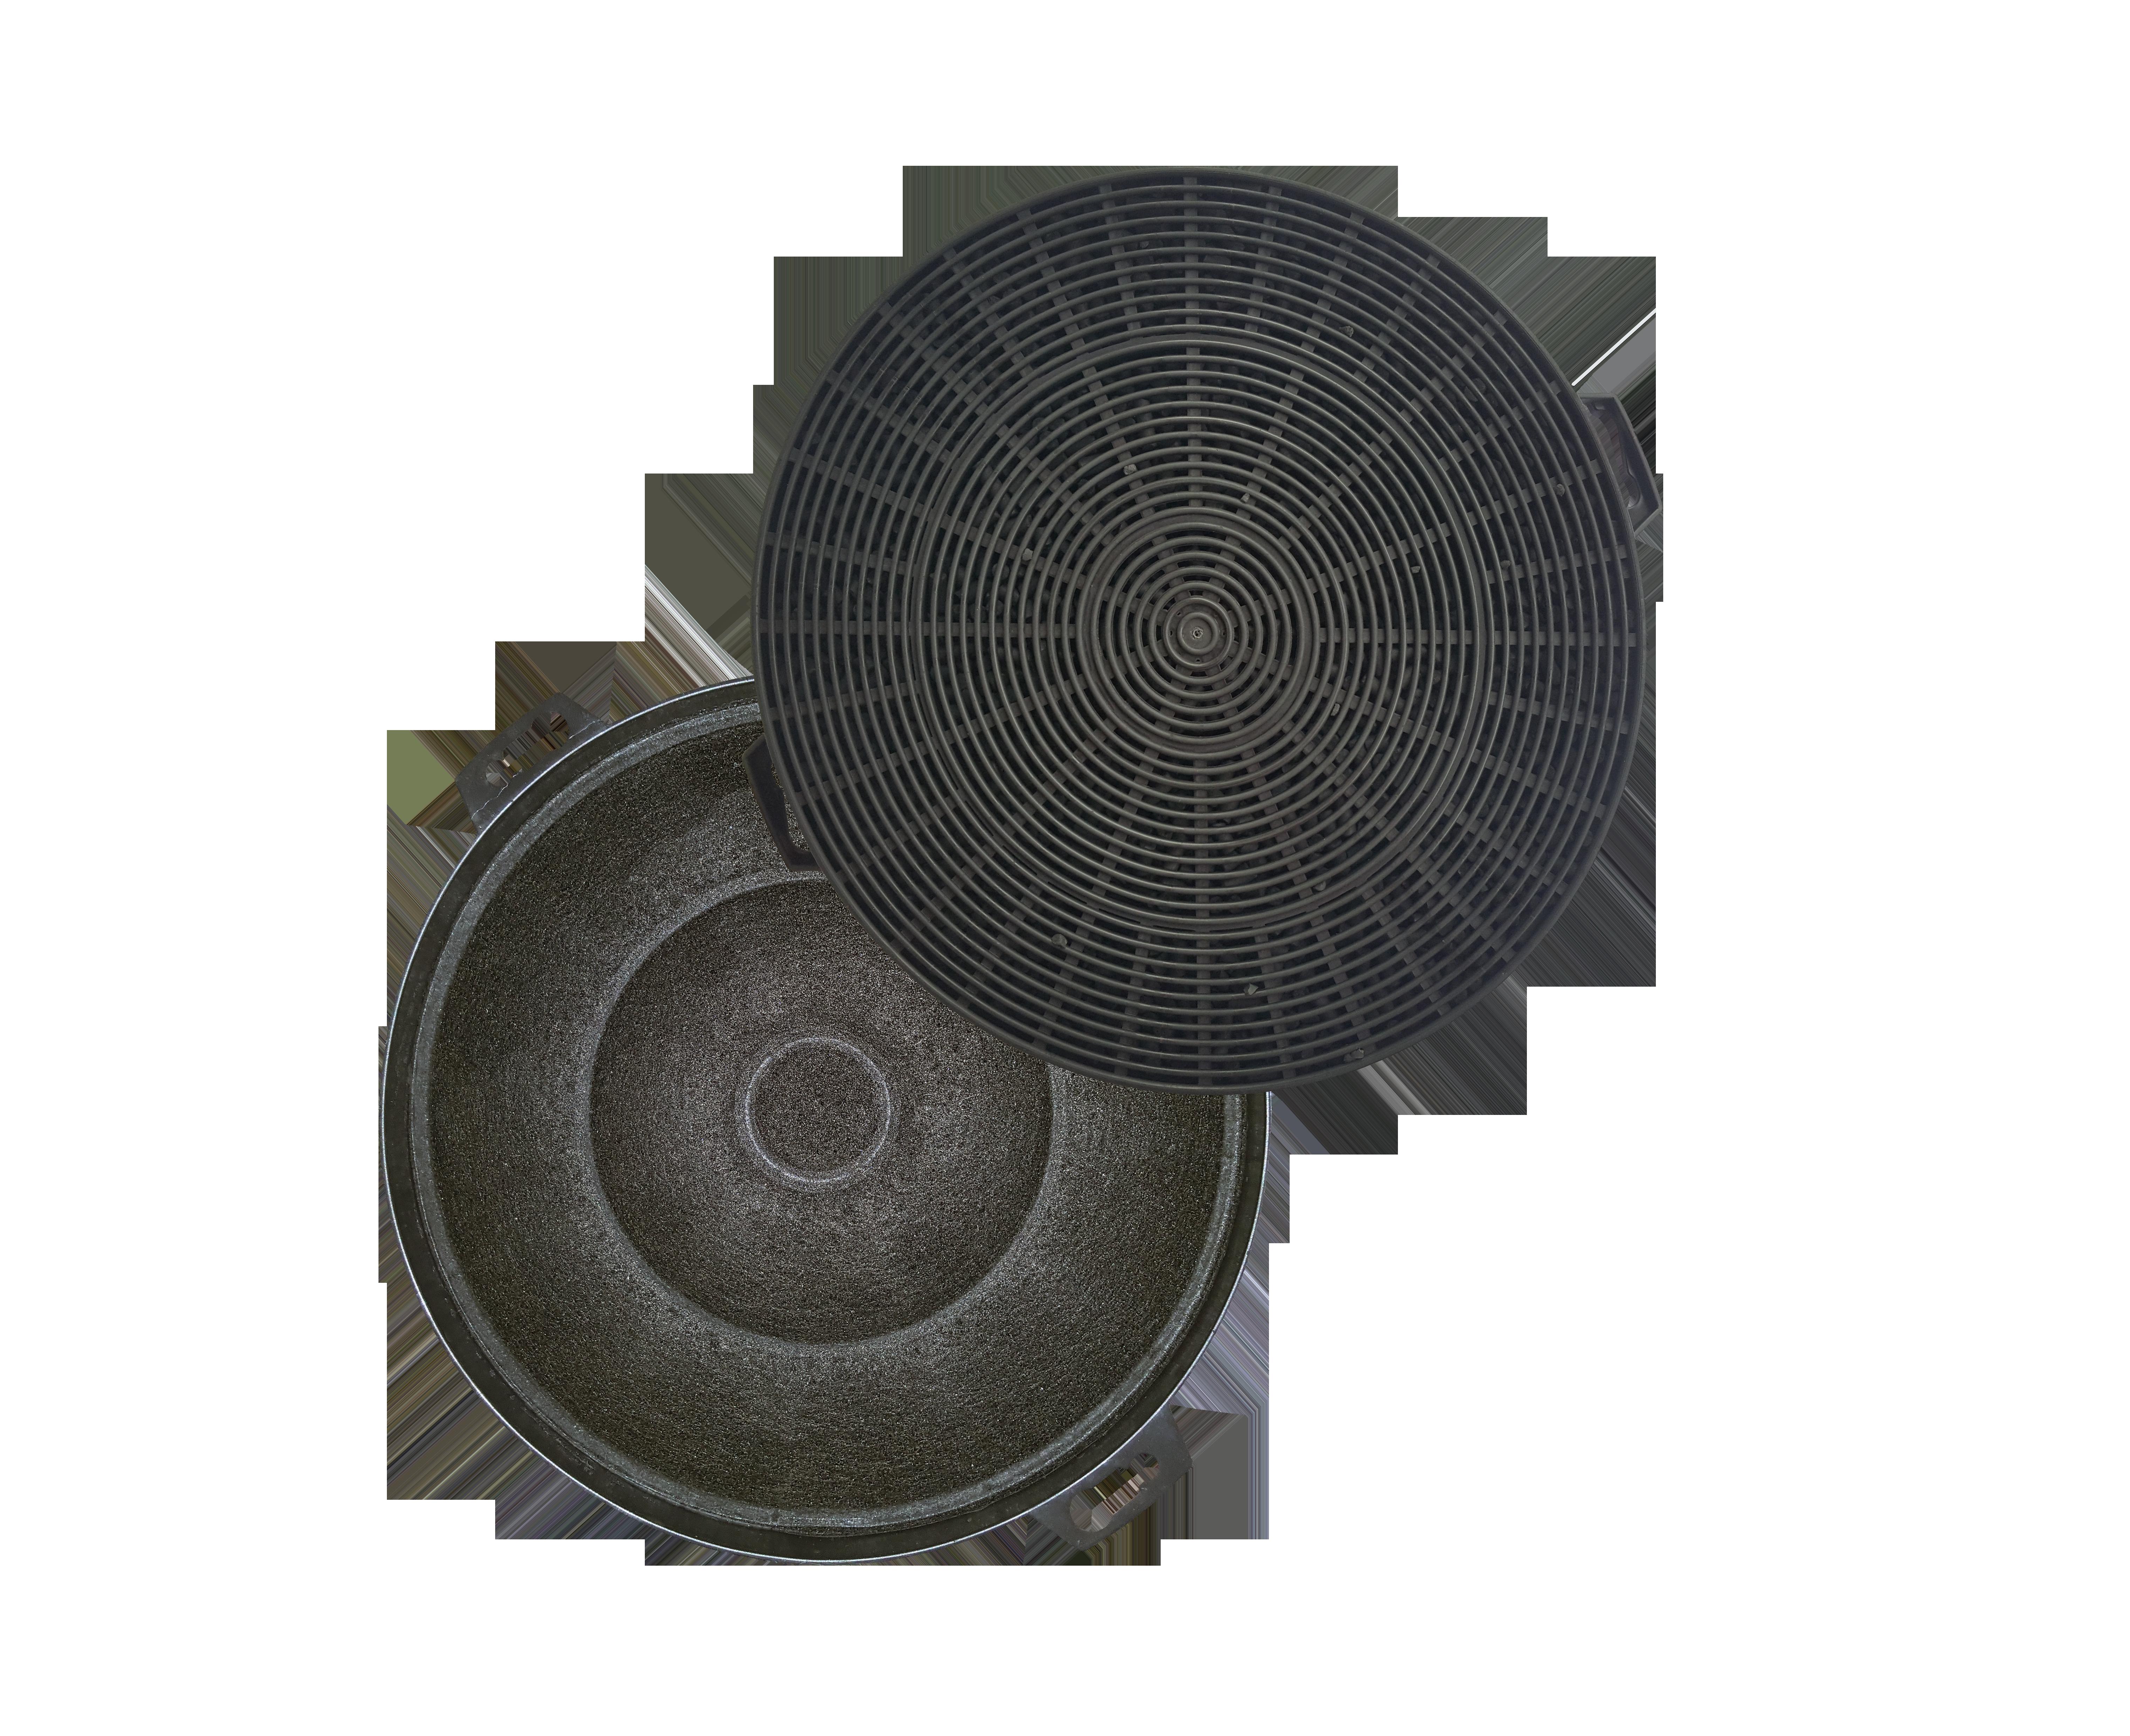 Juno dunstabzugshaube filter wechseln zubehör ersatzteile in